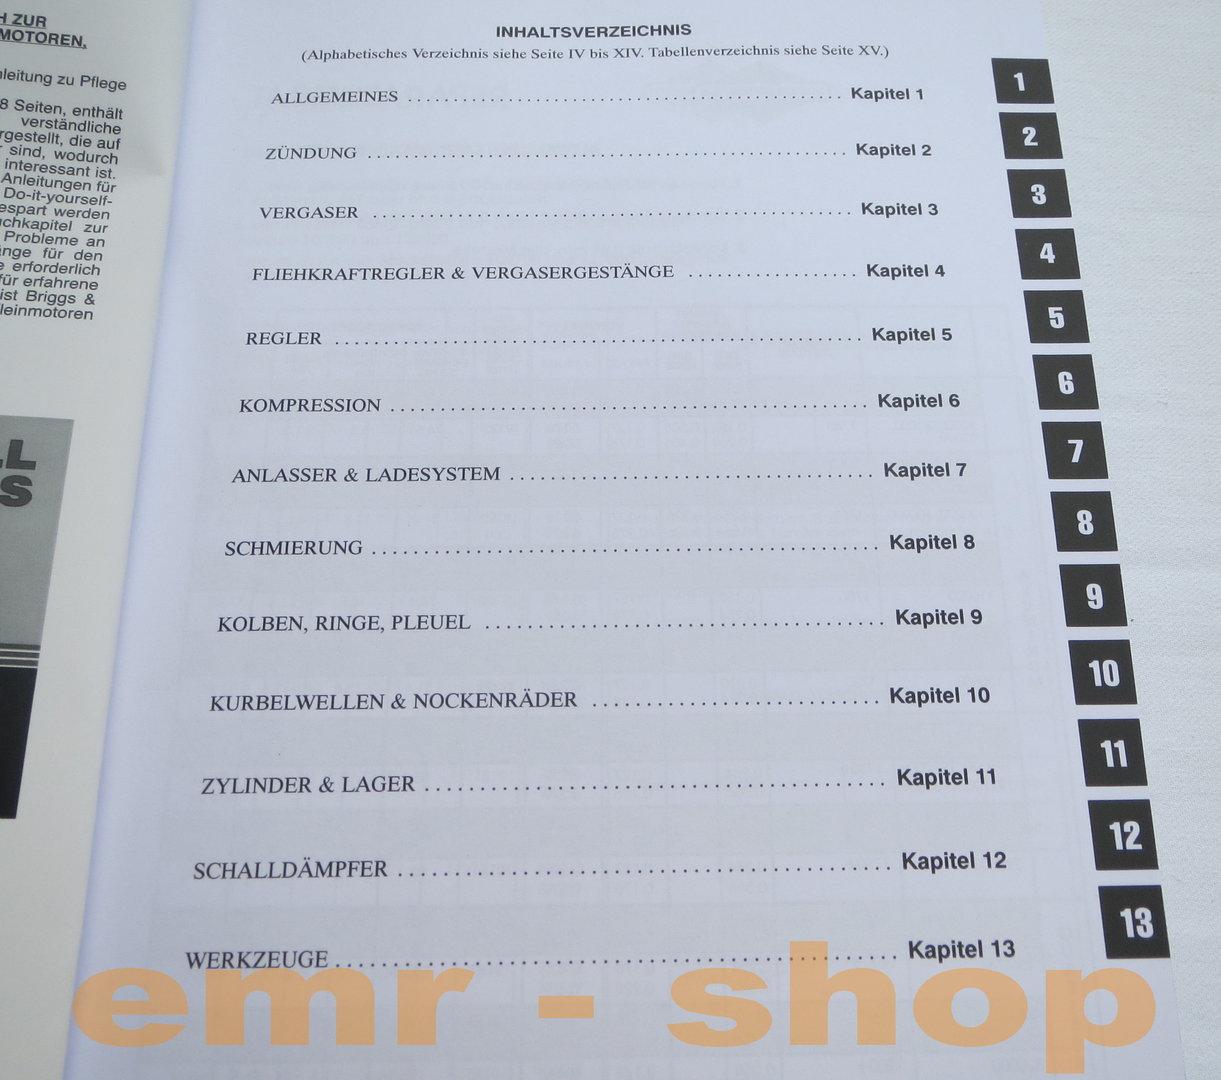 briggs and stratton reparaturhandbuch 2007 kenworth w900 stereo wiring diagram 1 zyl seitenventil motor rasenmäher